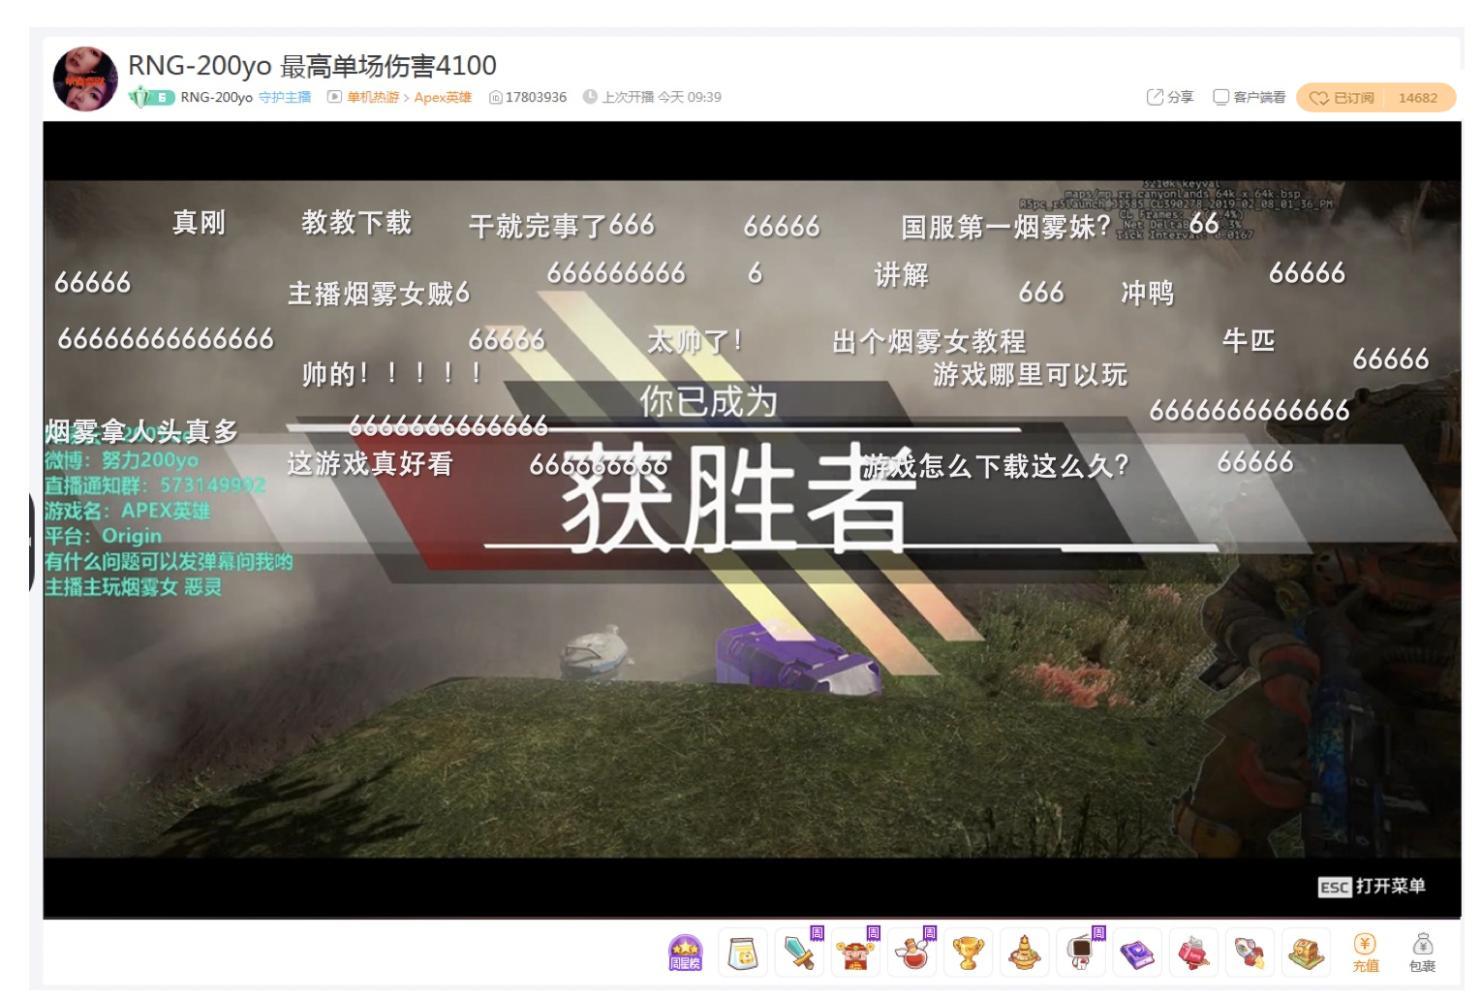 Apex豪杰第一烟雾女200yo,战术妙技利用齐球排名第二!